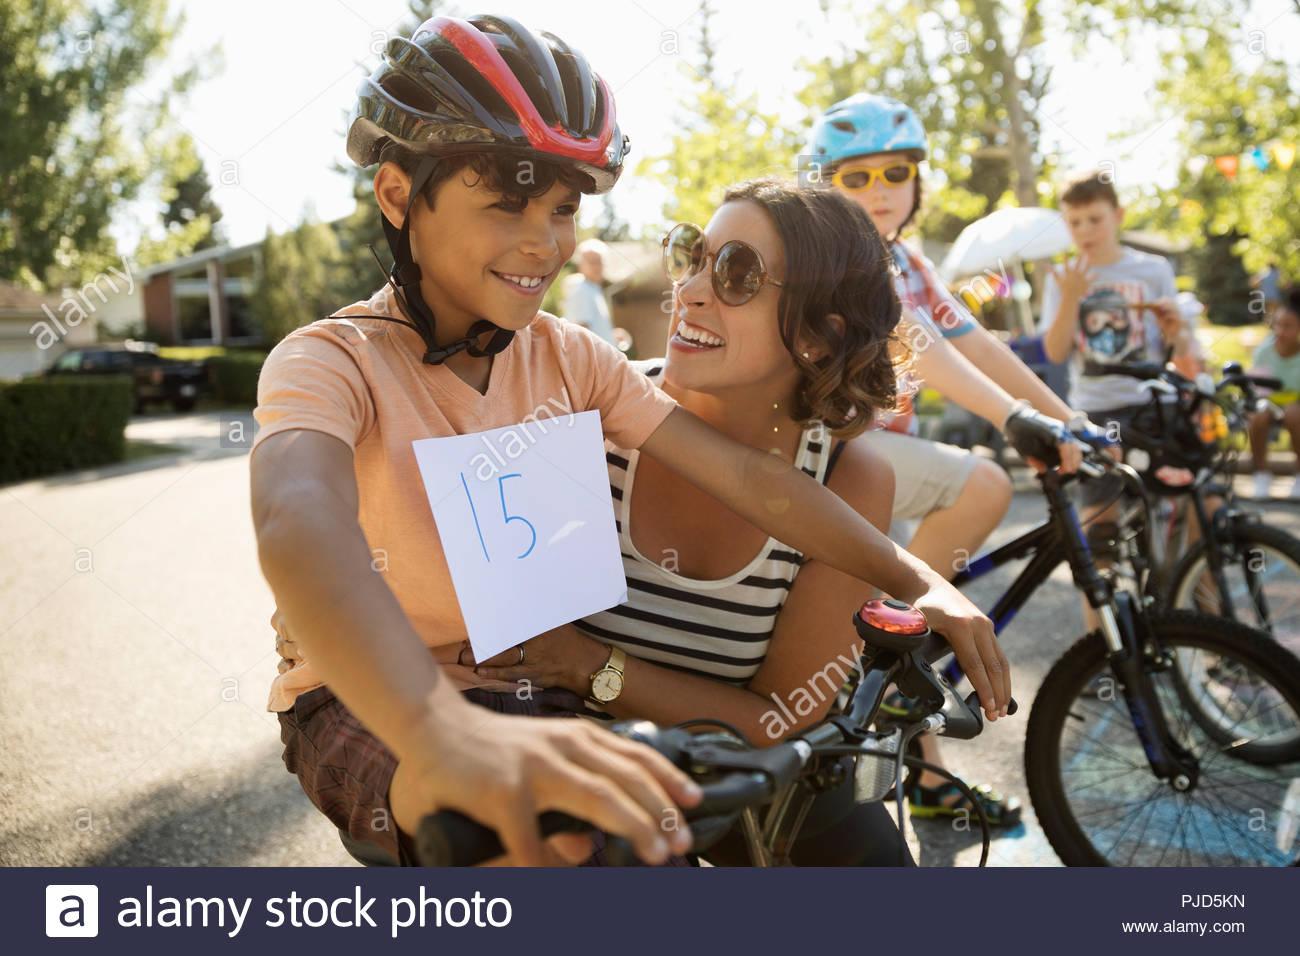 Felice madre e figlio la preparazione per la gara di moto ad estate quartiere block party Immagini Stock